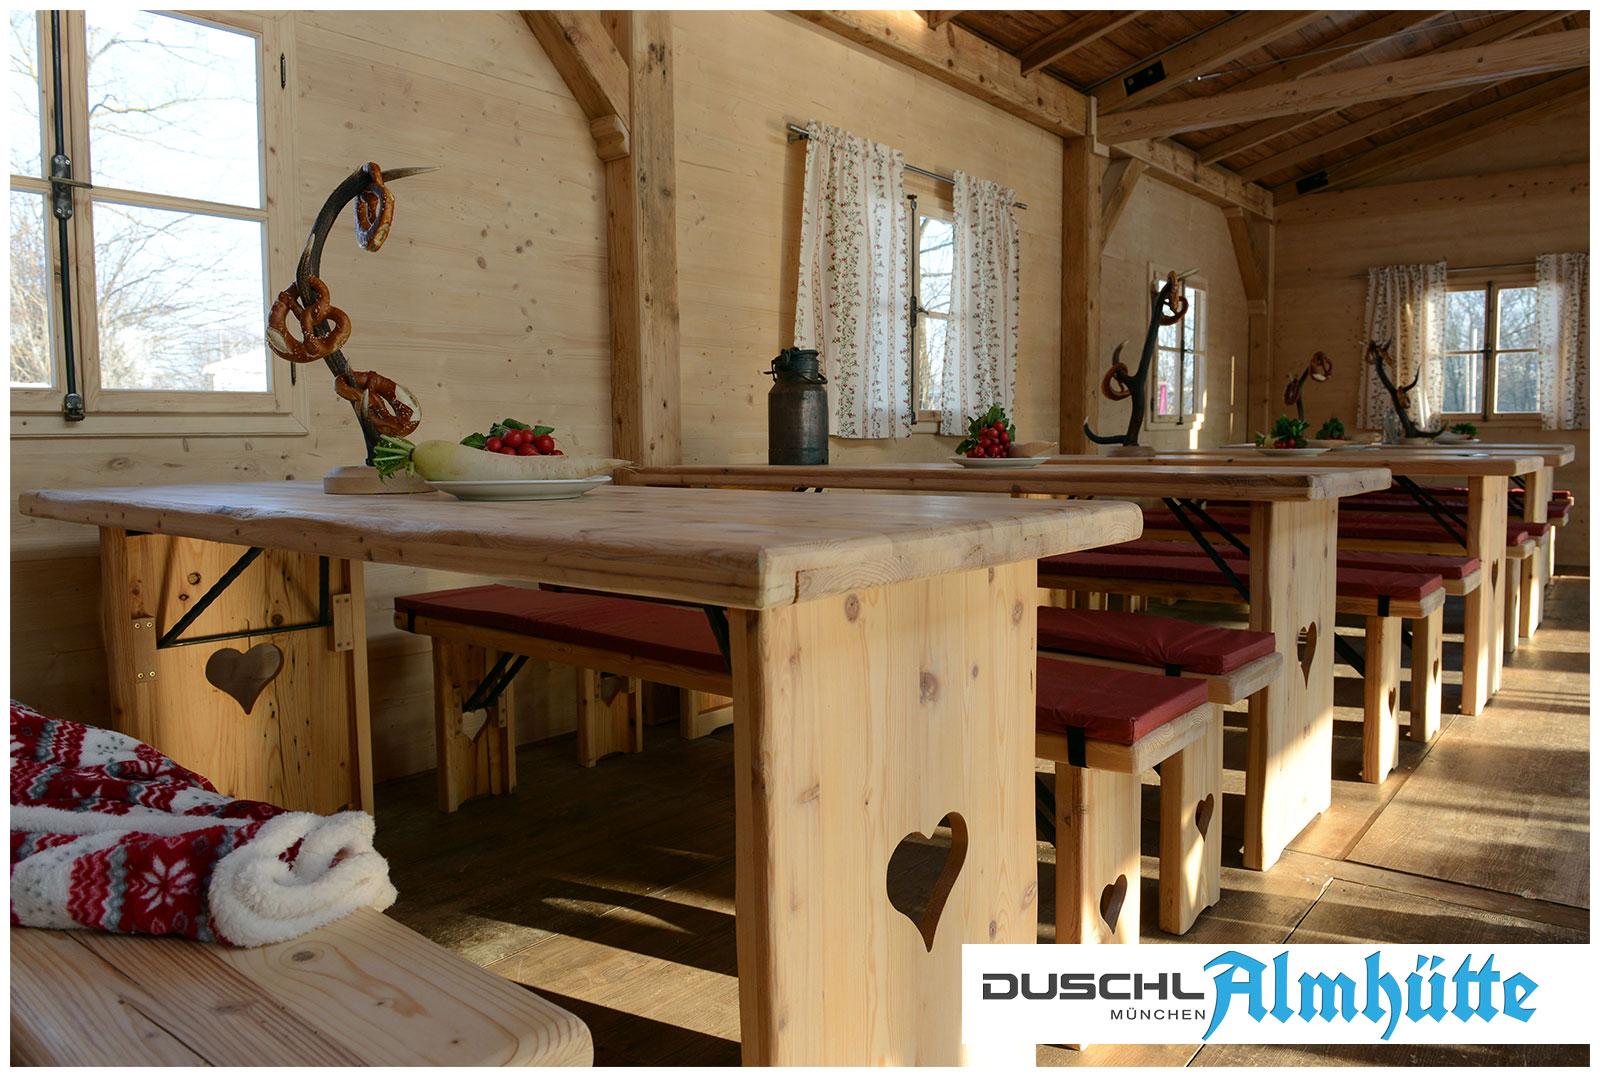 Mobile Almhütte - Edles Holz